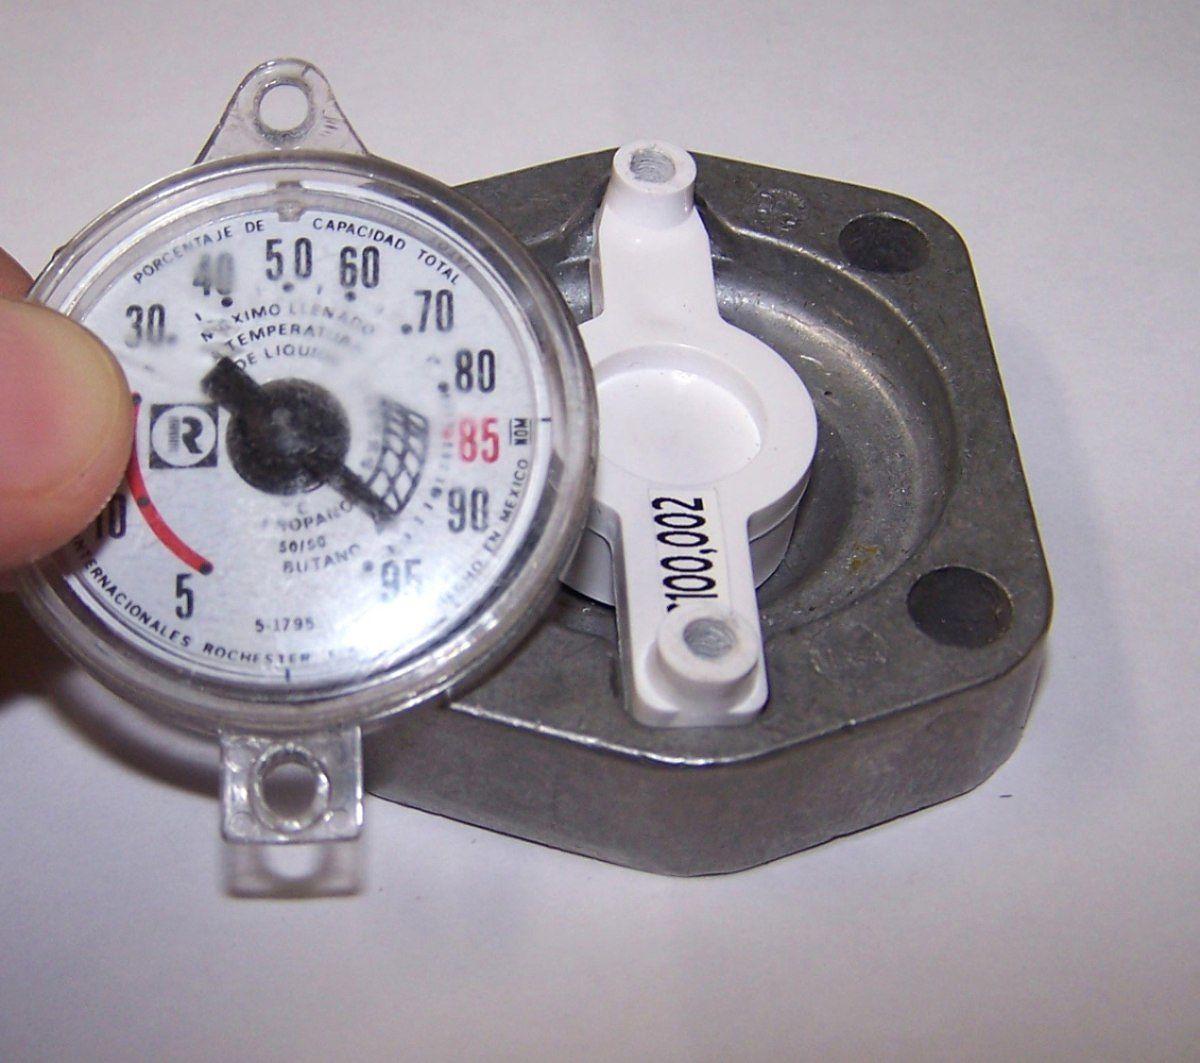 Evita el robo de gas revisando tu medidor